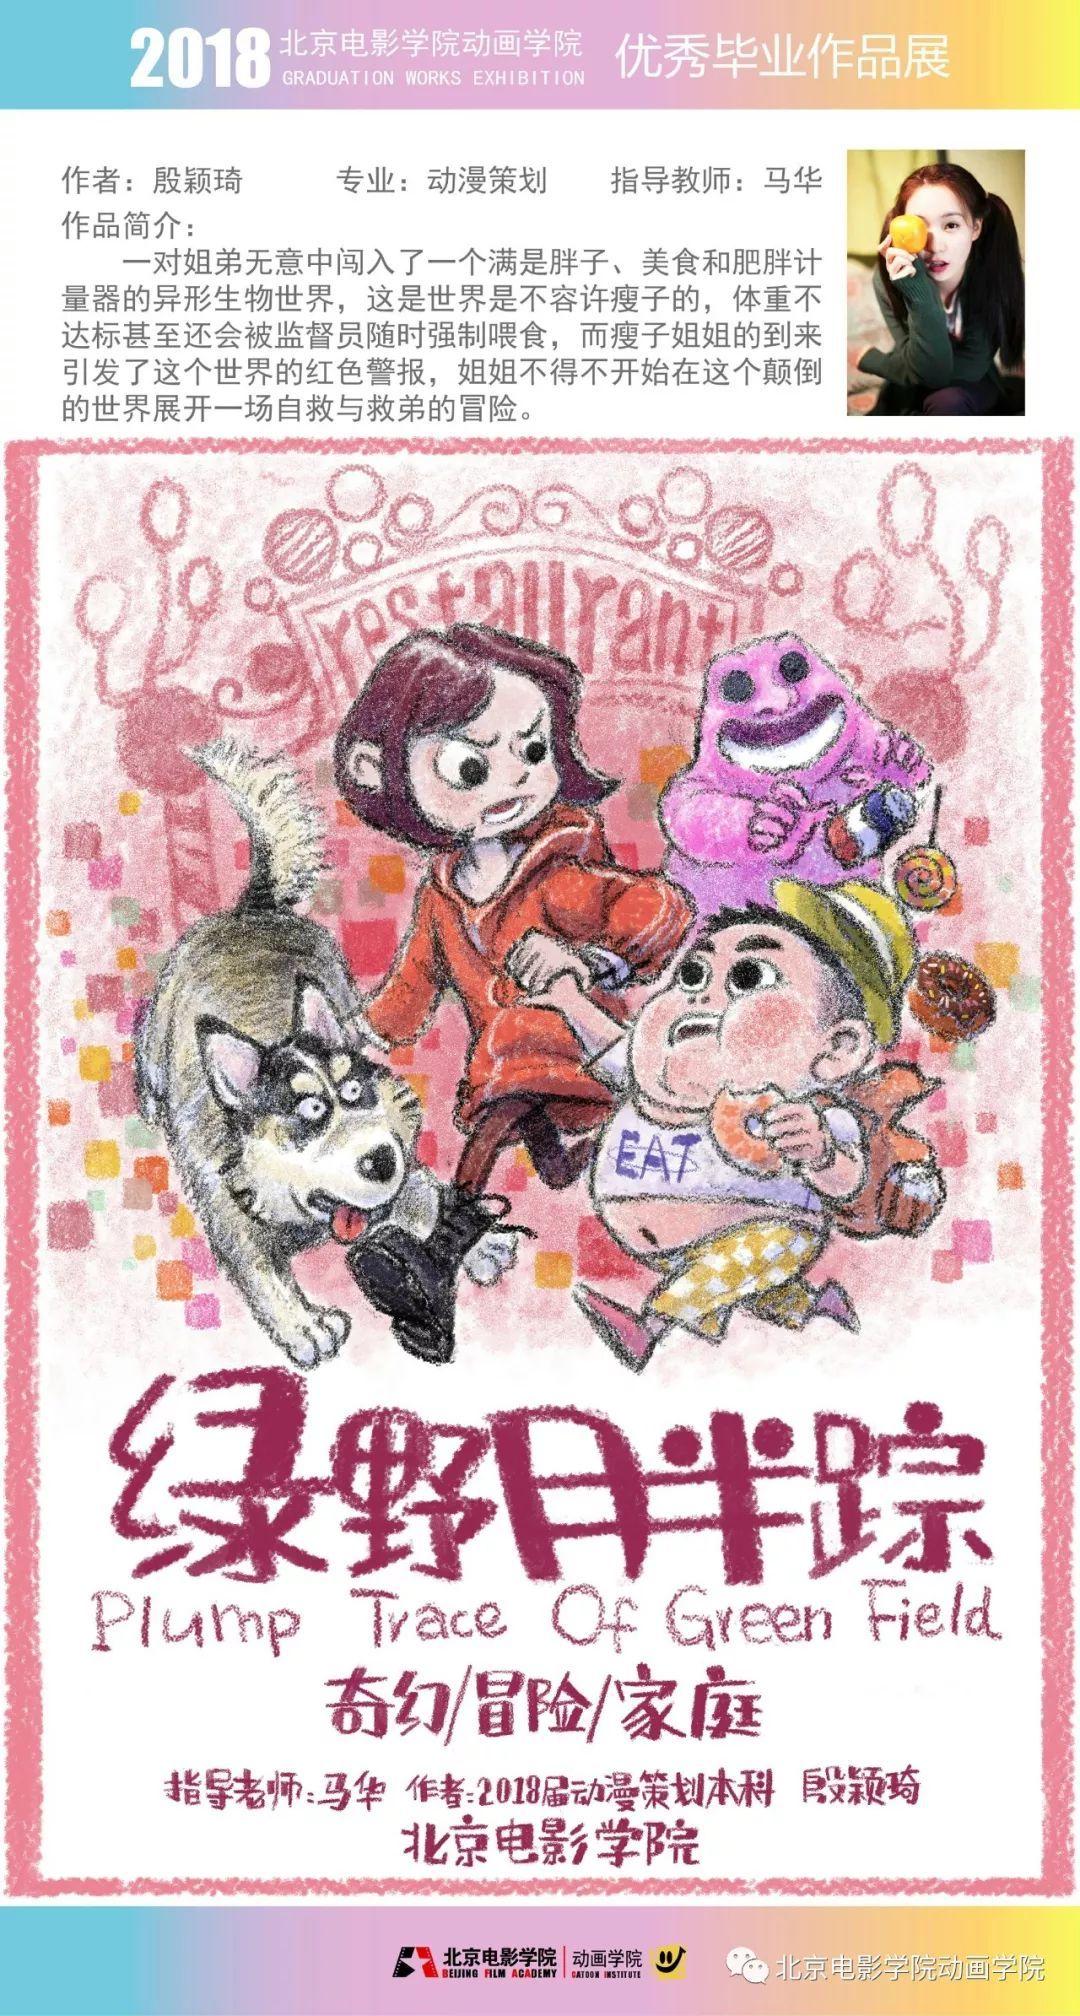 2018年北京电影学院动画专业最全毕业展!(组图)图片